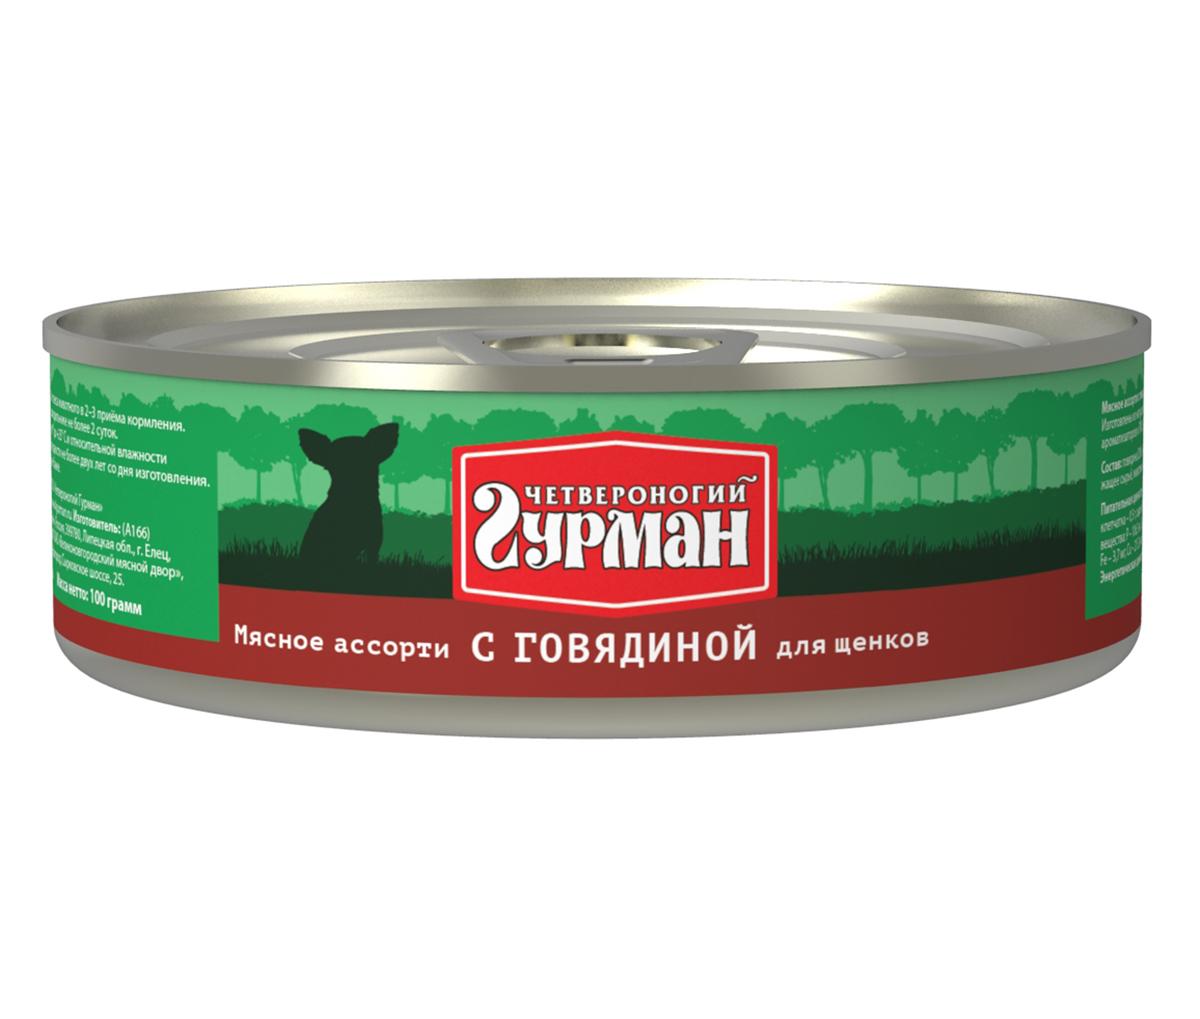 Консервы для щенков Четвероногий гурман Мясное ассорти, с говядиной, 100 г